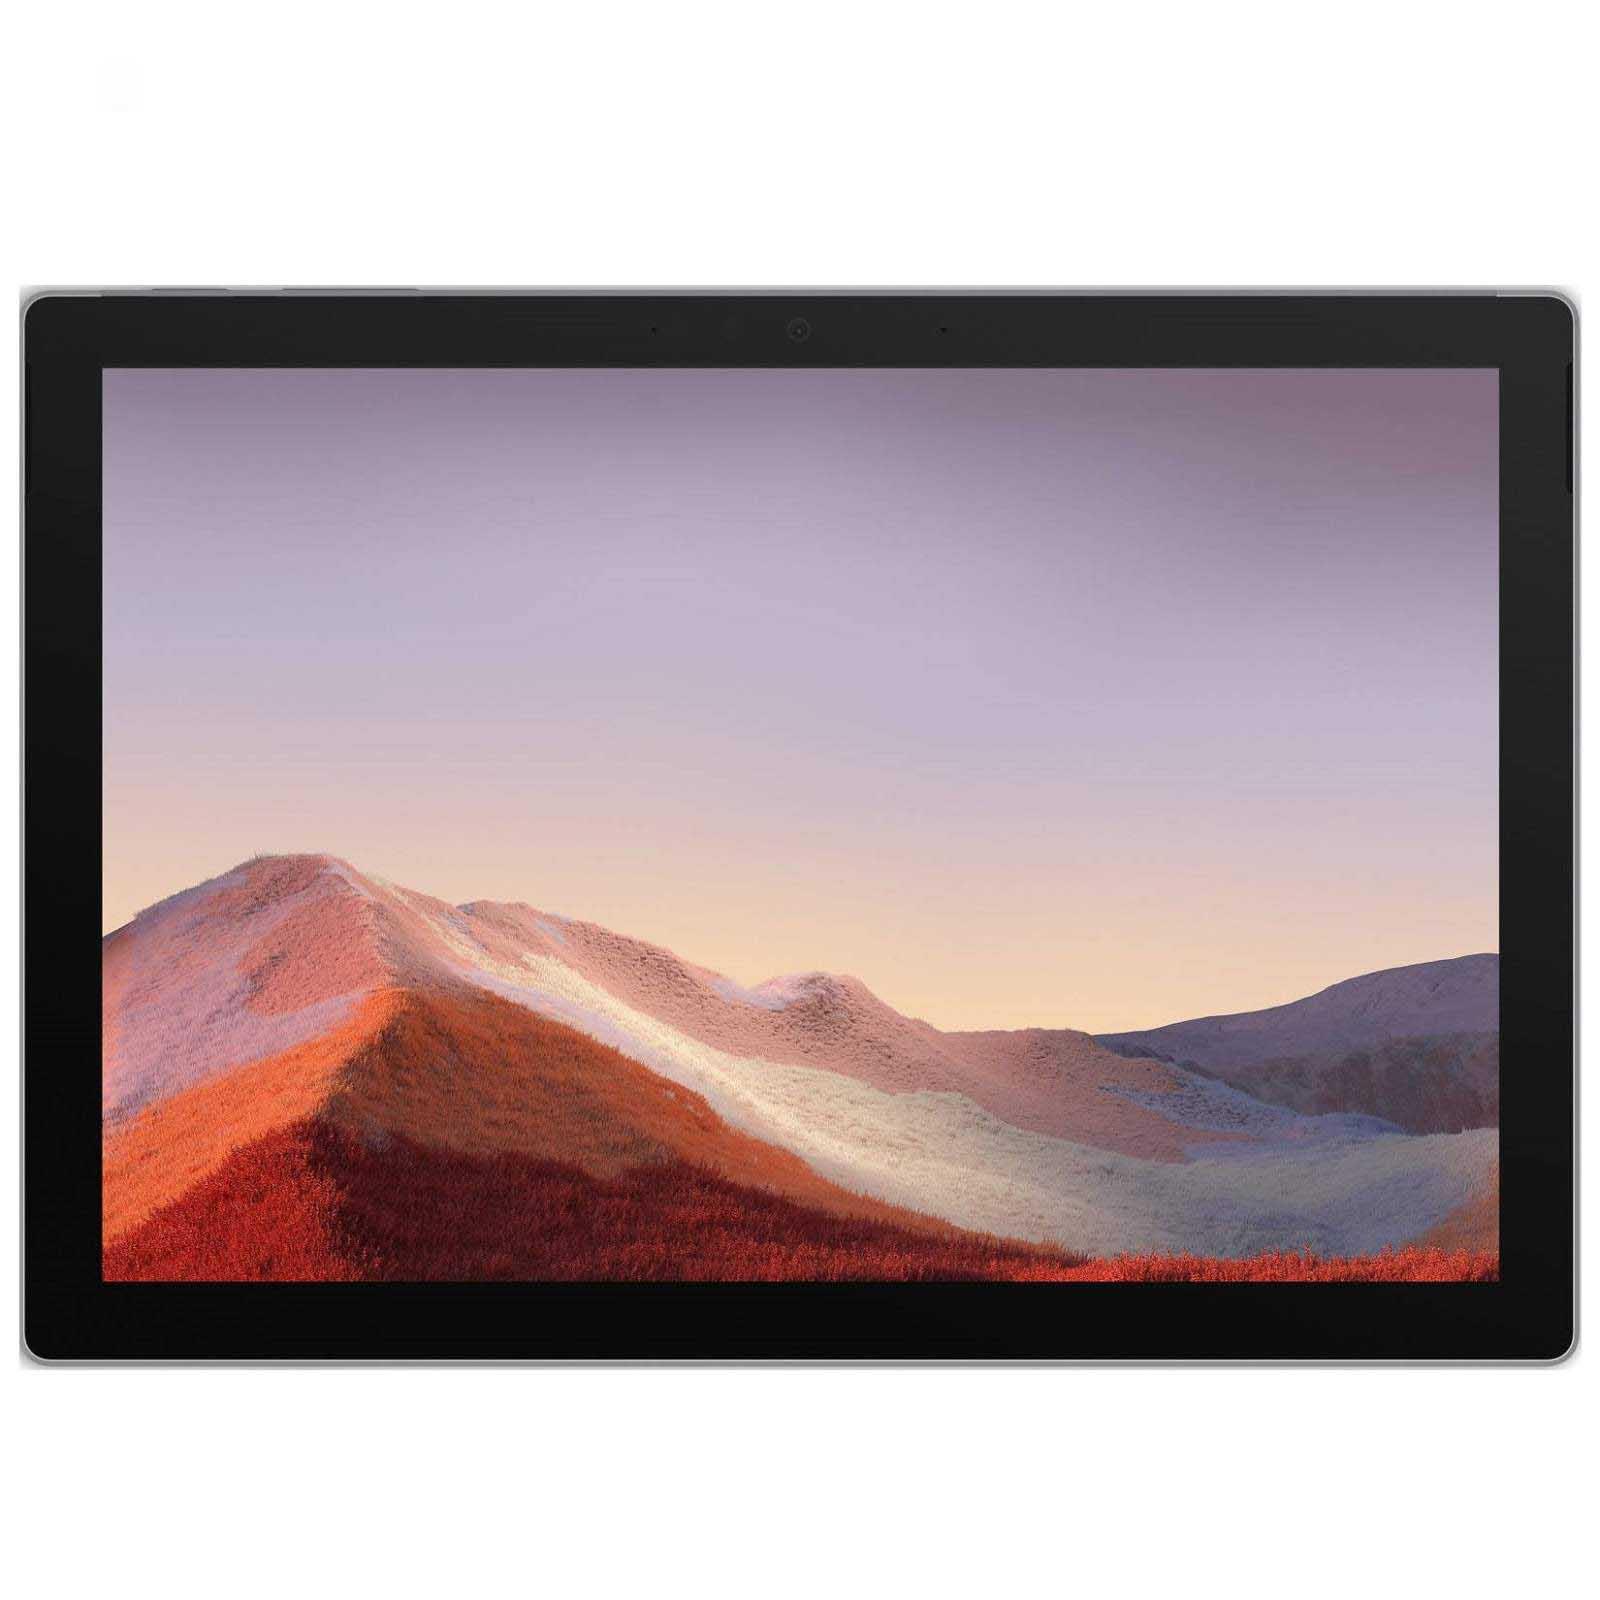 فروش نقدی و اقساطی تبلت مایکروسافت مدل Surface Pro 7 Plus - A ظرفیت 128 گیگابایت